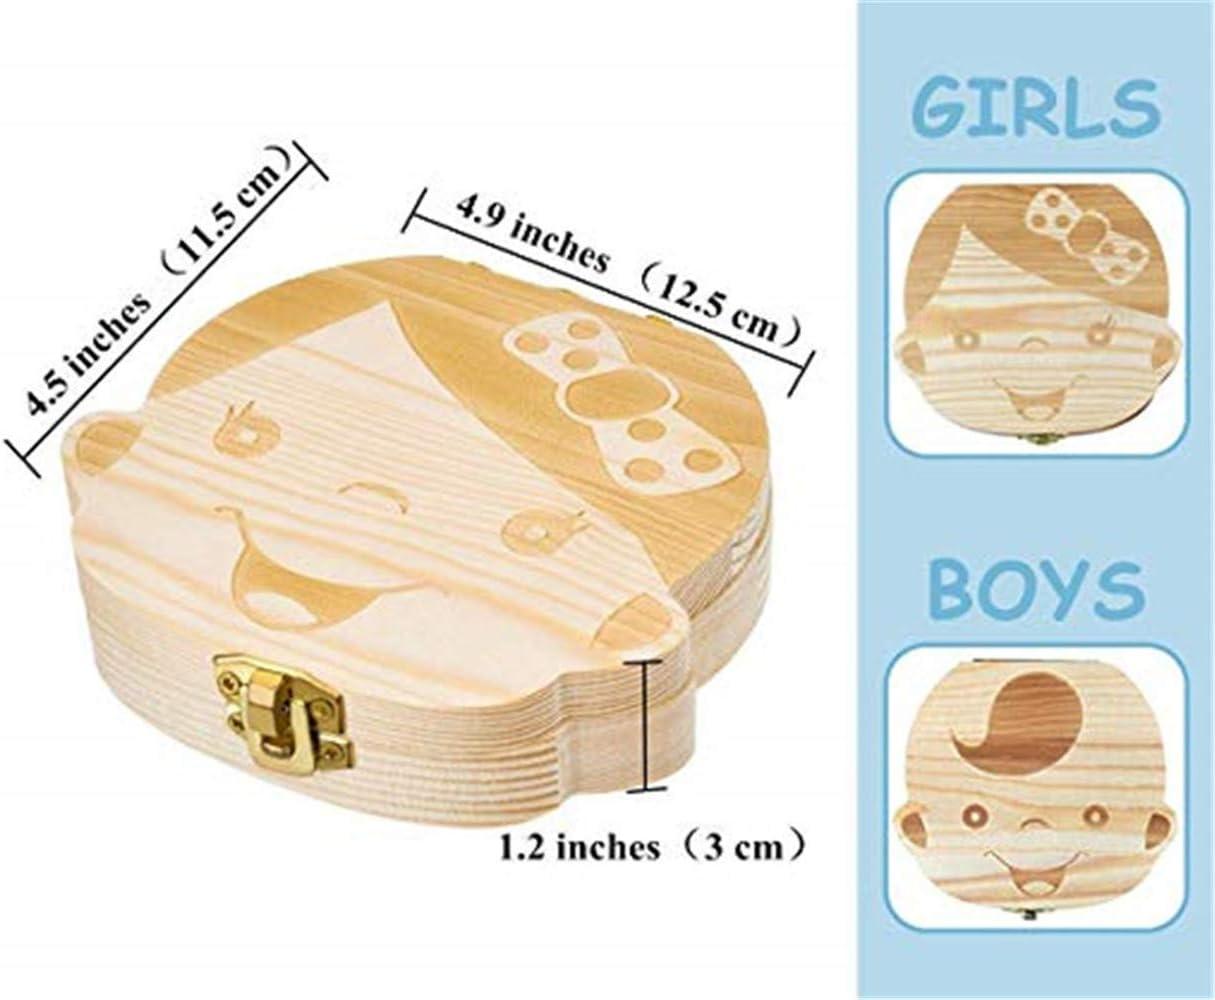 personalizar personalizada beb/é dientes caja Spanish texto beb/é dientes caja Chica MUXItrade save cajas de madera personalizada caja de recuerdos de hoja caduca